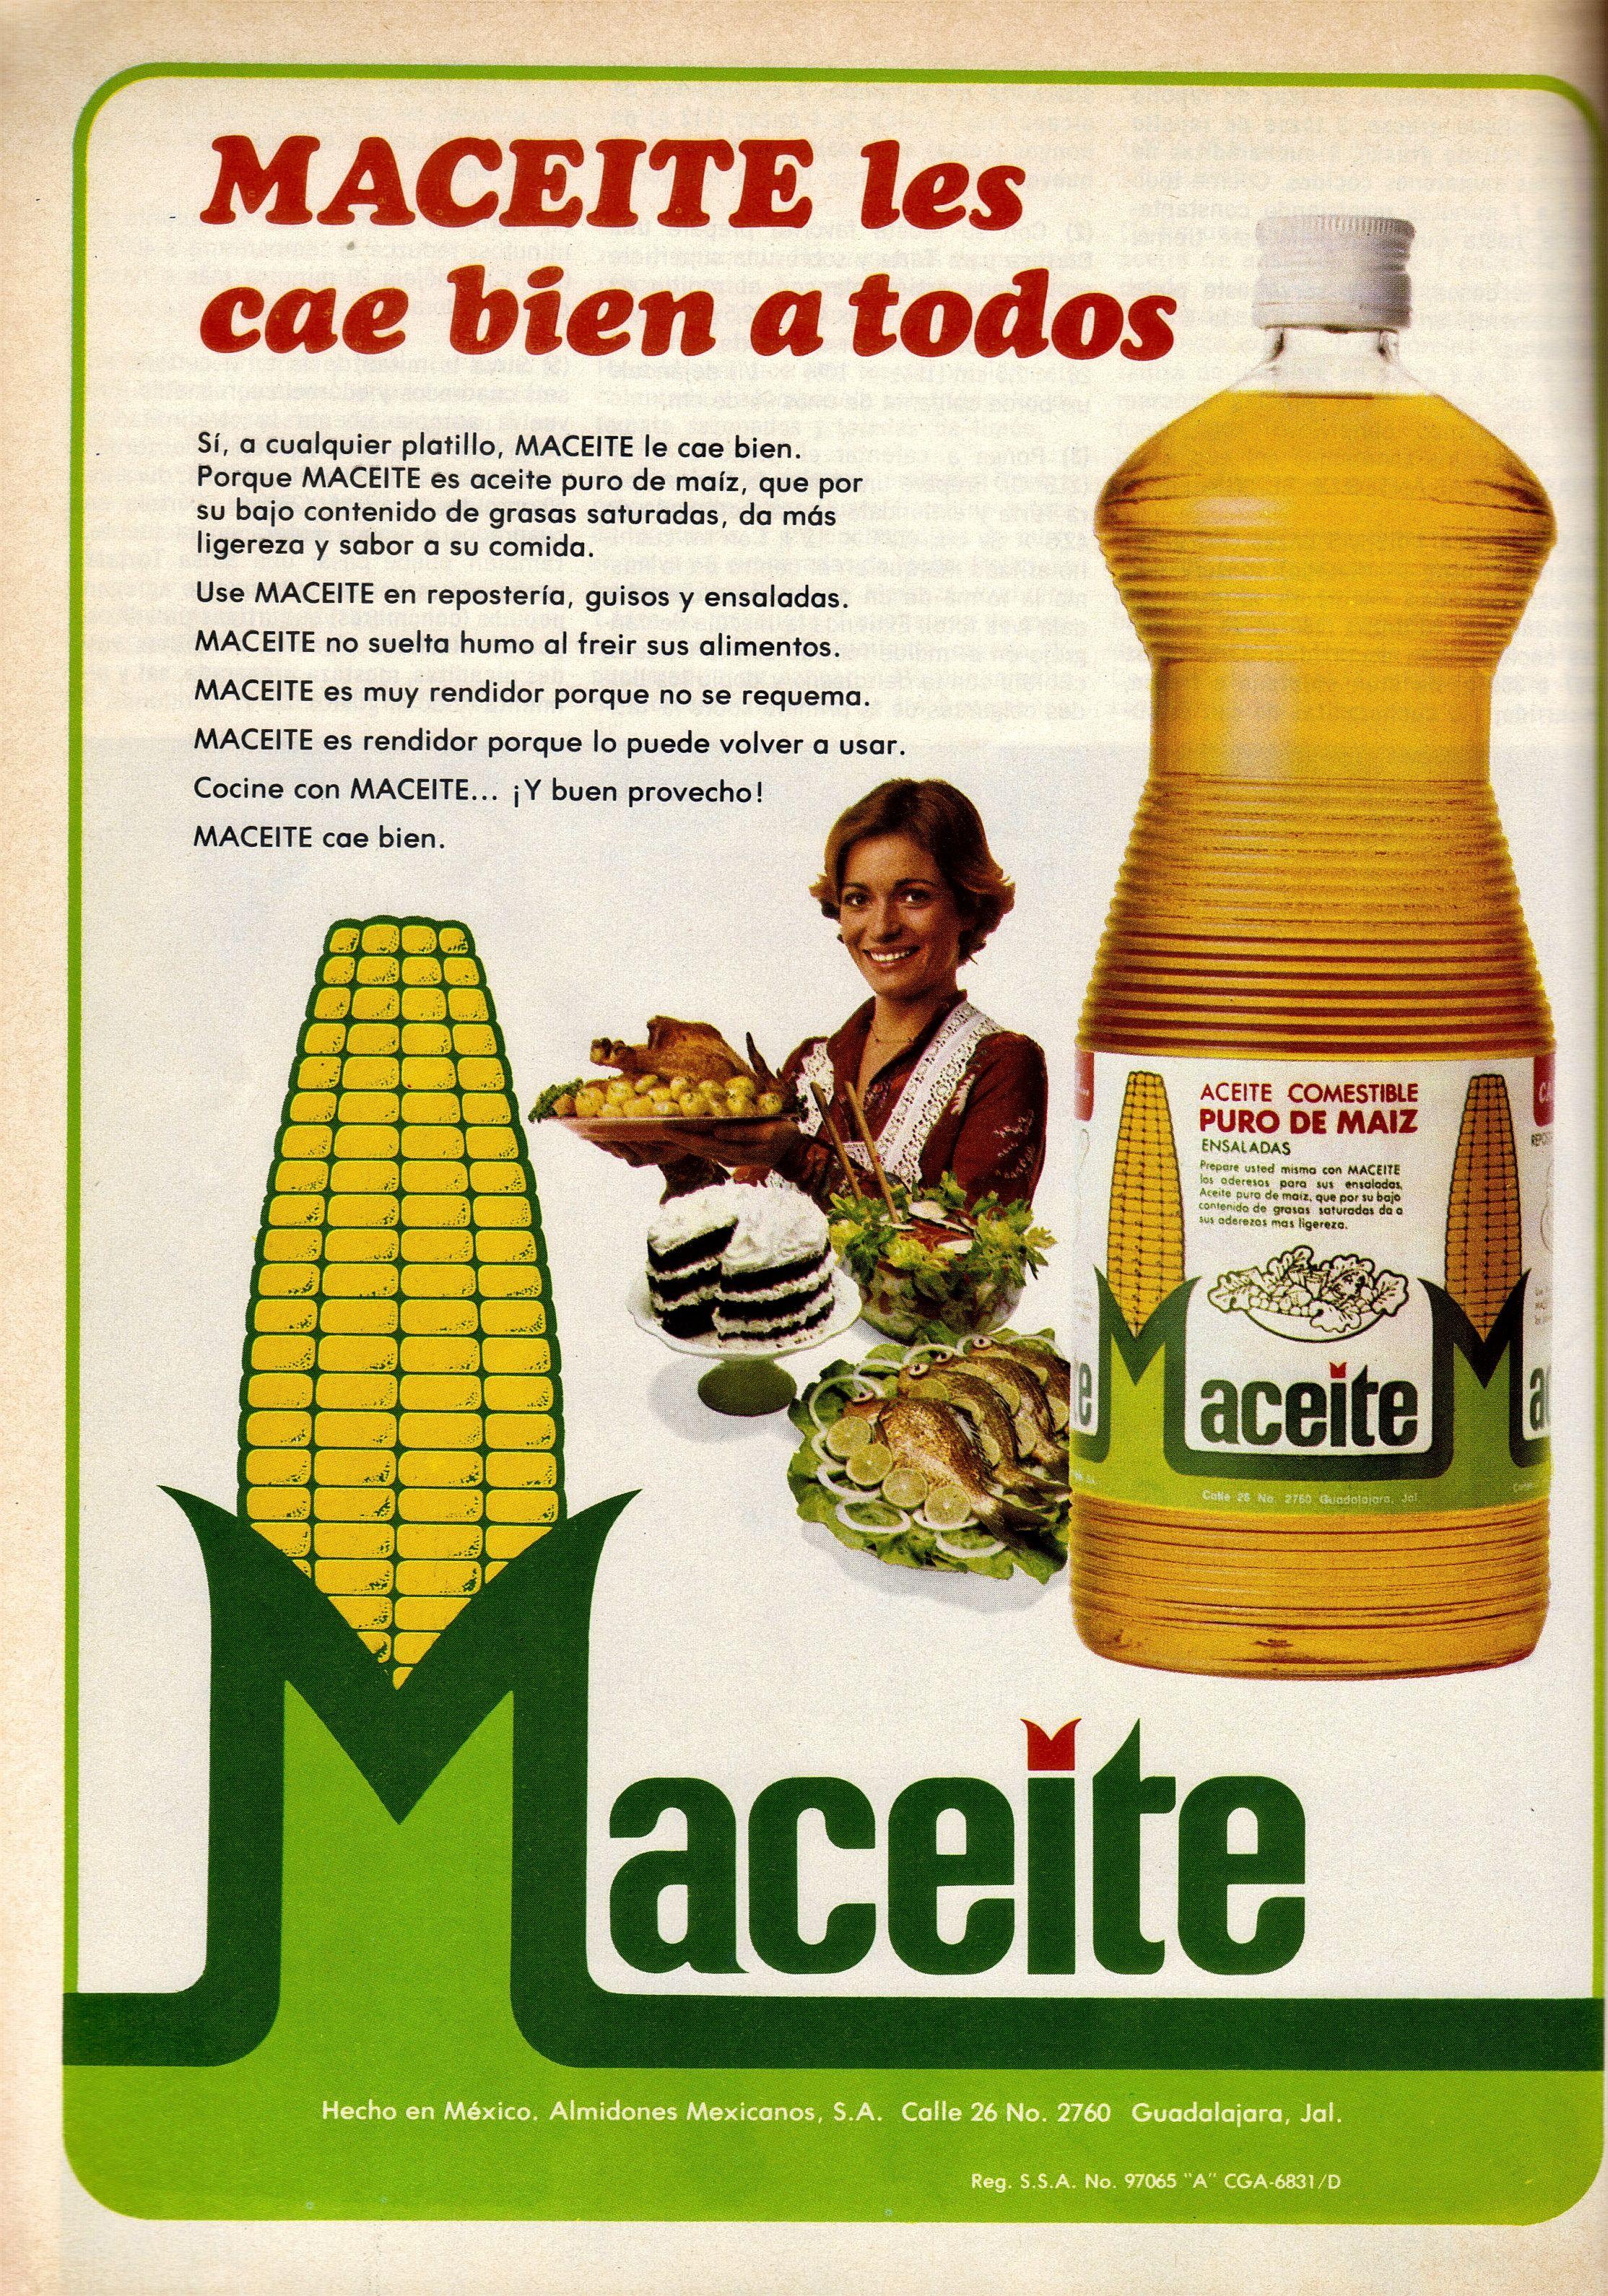 Publicidad Maceite; México, años 70s. | Guisos, Aceite de maiz, Ensaladas